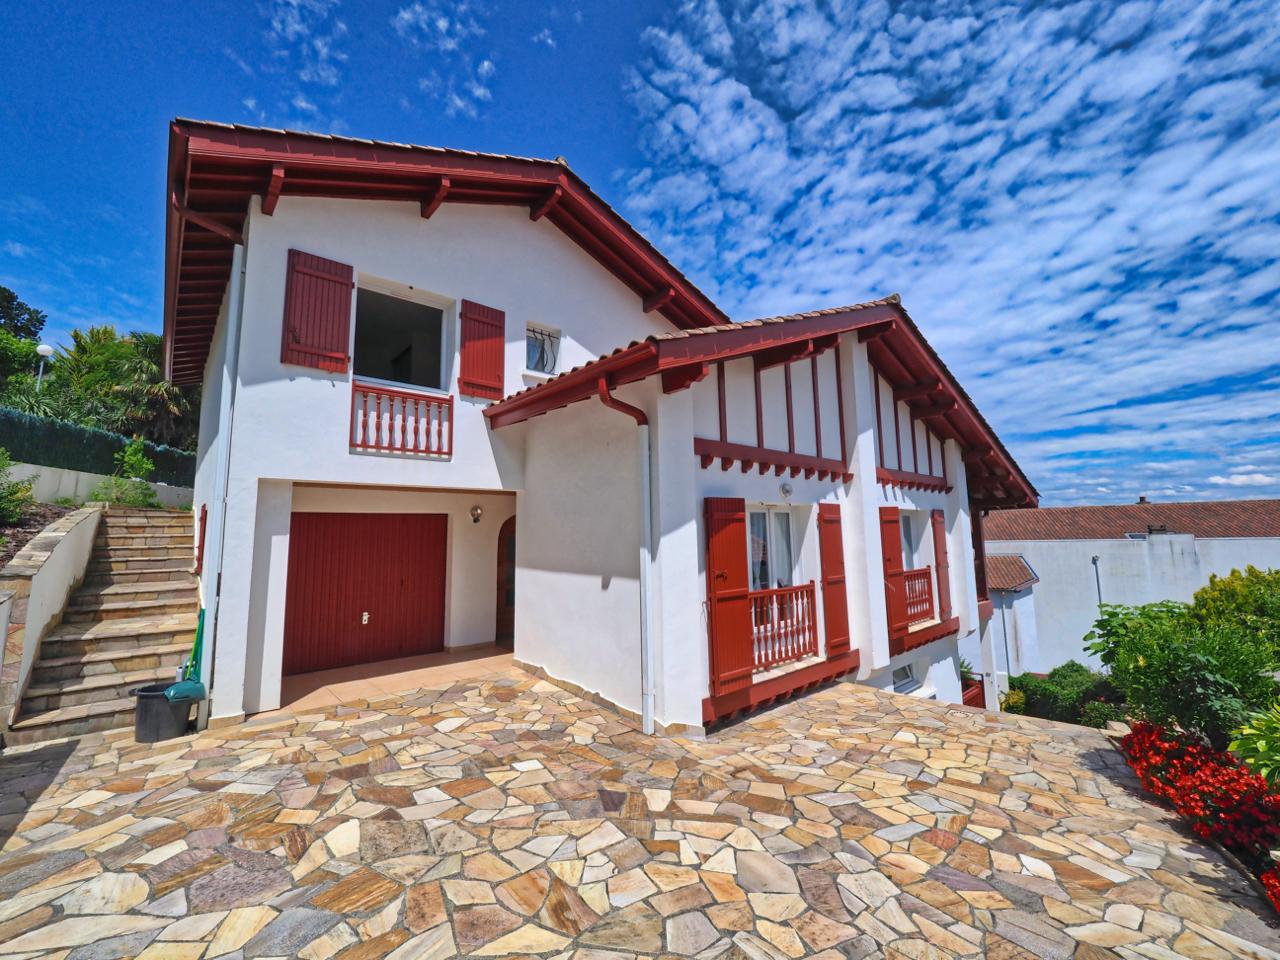 vente maison à CIBOURE - 936 170